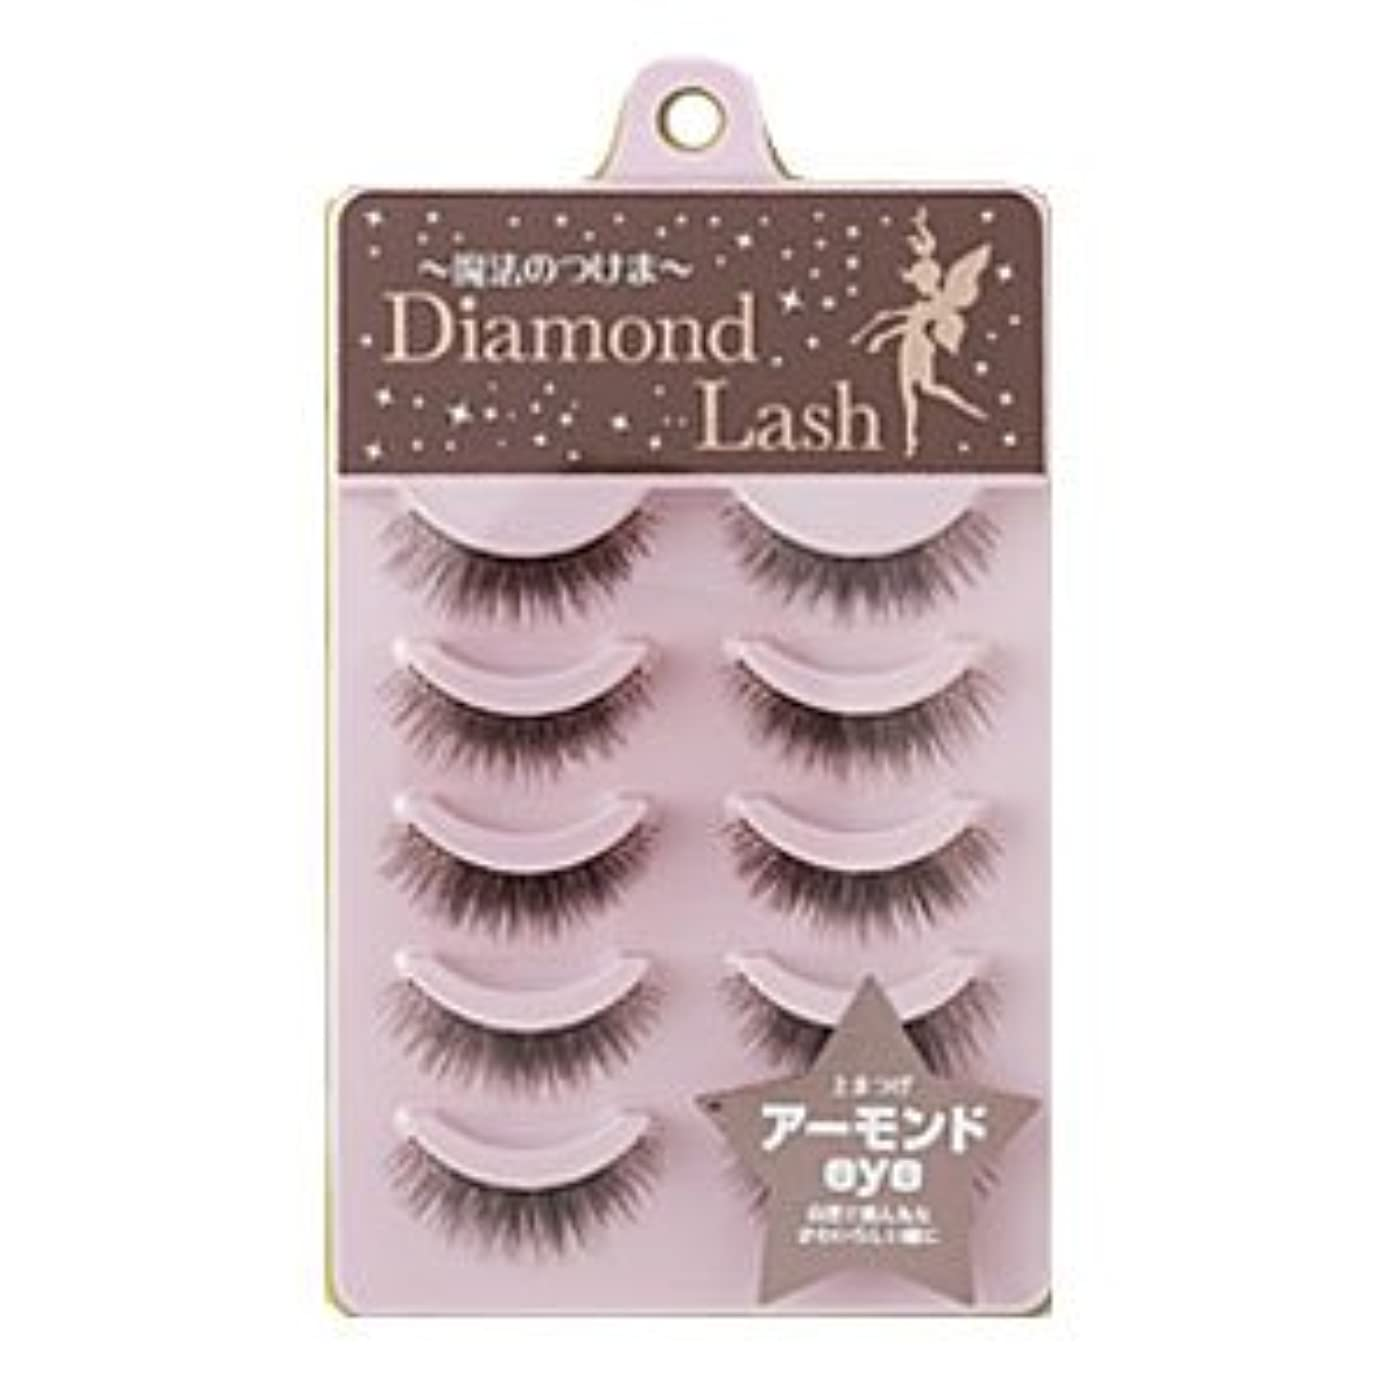 復活する示すクスクスダイヤモンドラッシュ Diamond Lash つけまつげ リッチブラウンシリーズ アーモンドeye